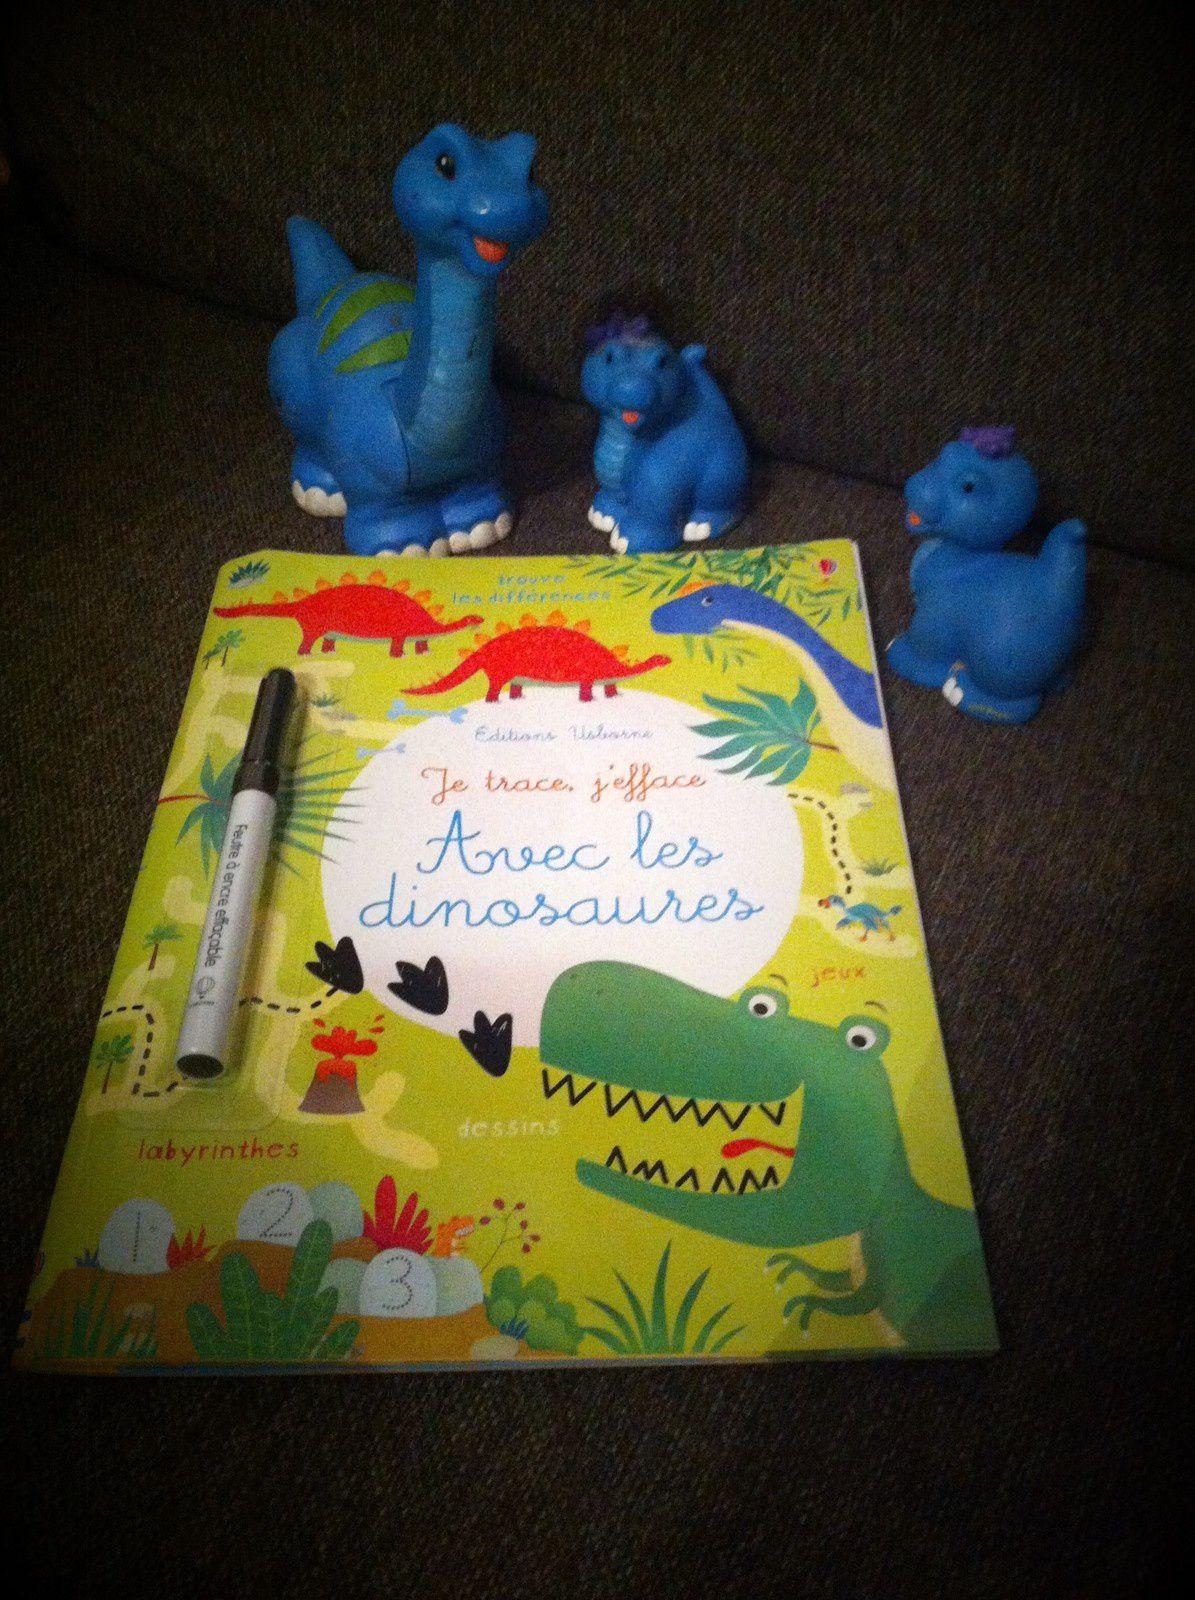 Chut les enfants lisent #89 - Je trace, j'efface avec les dinosaures